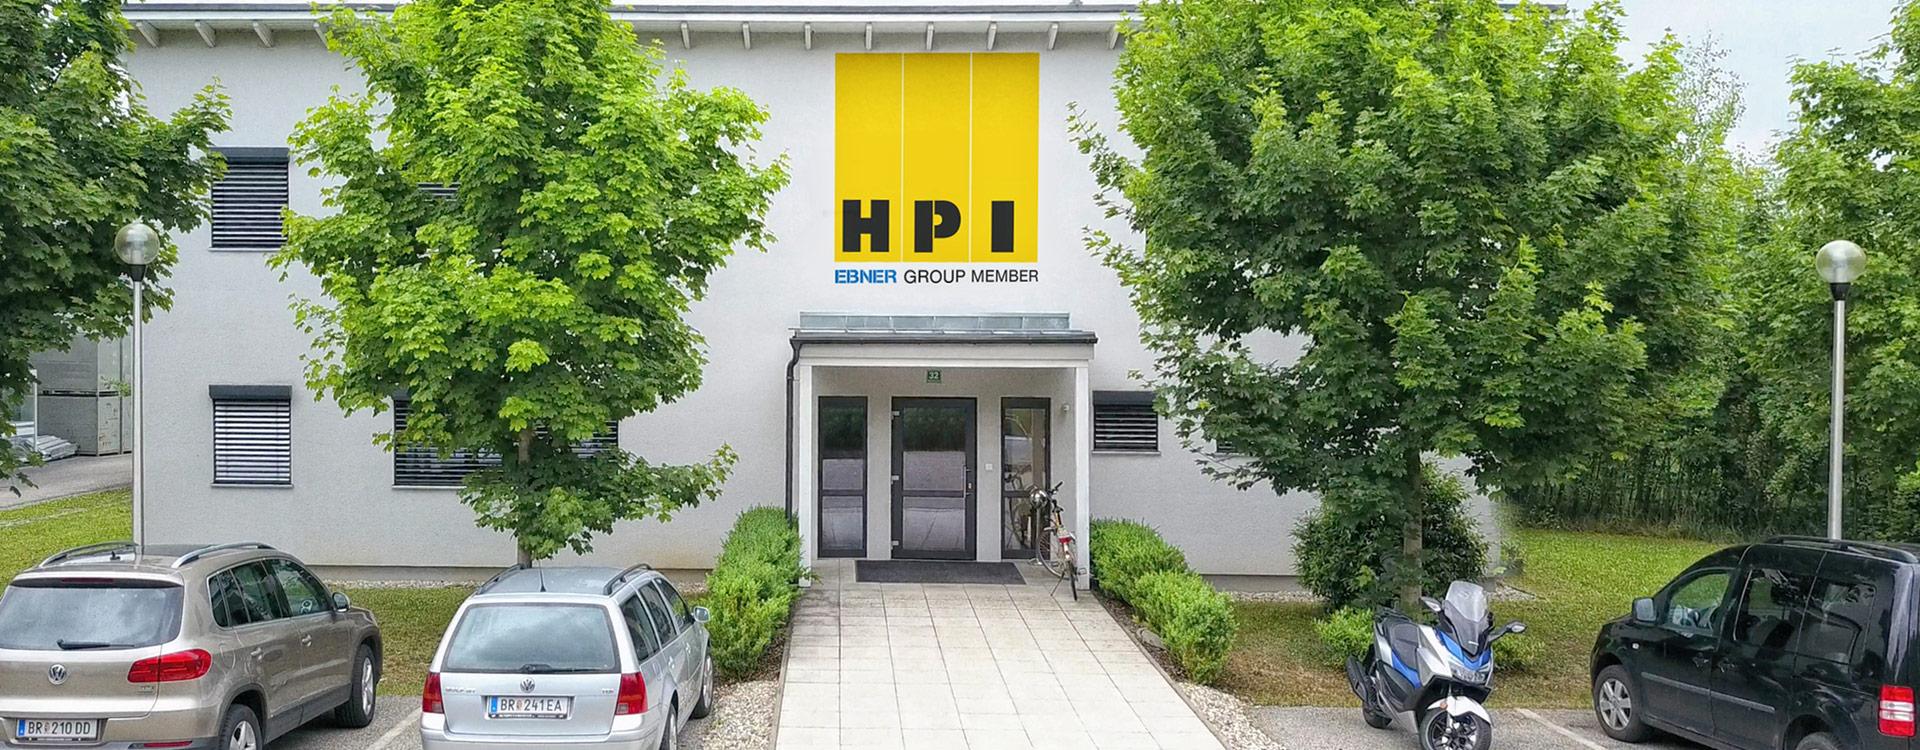 HPI - EBNER Group